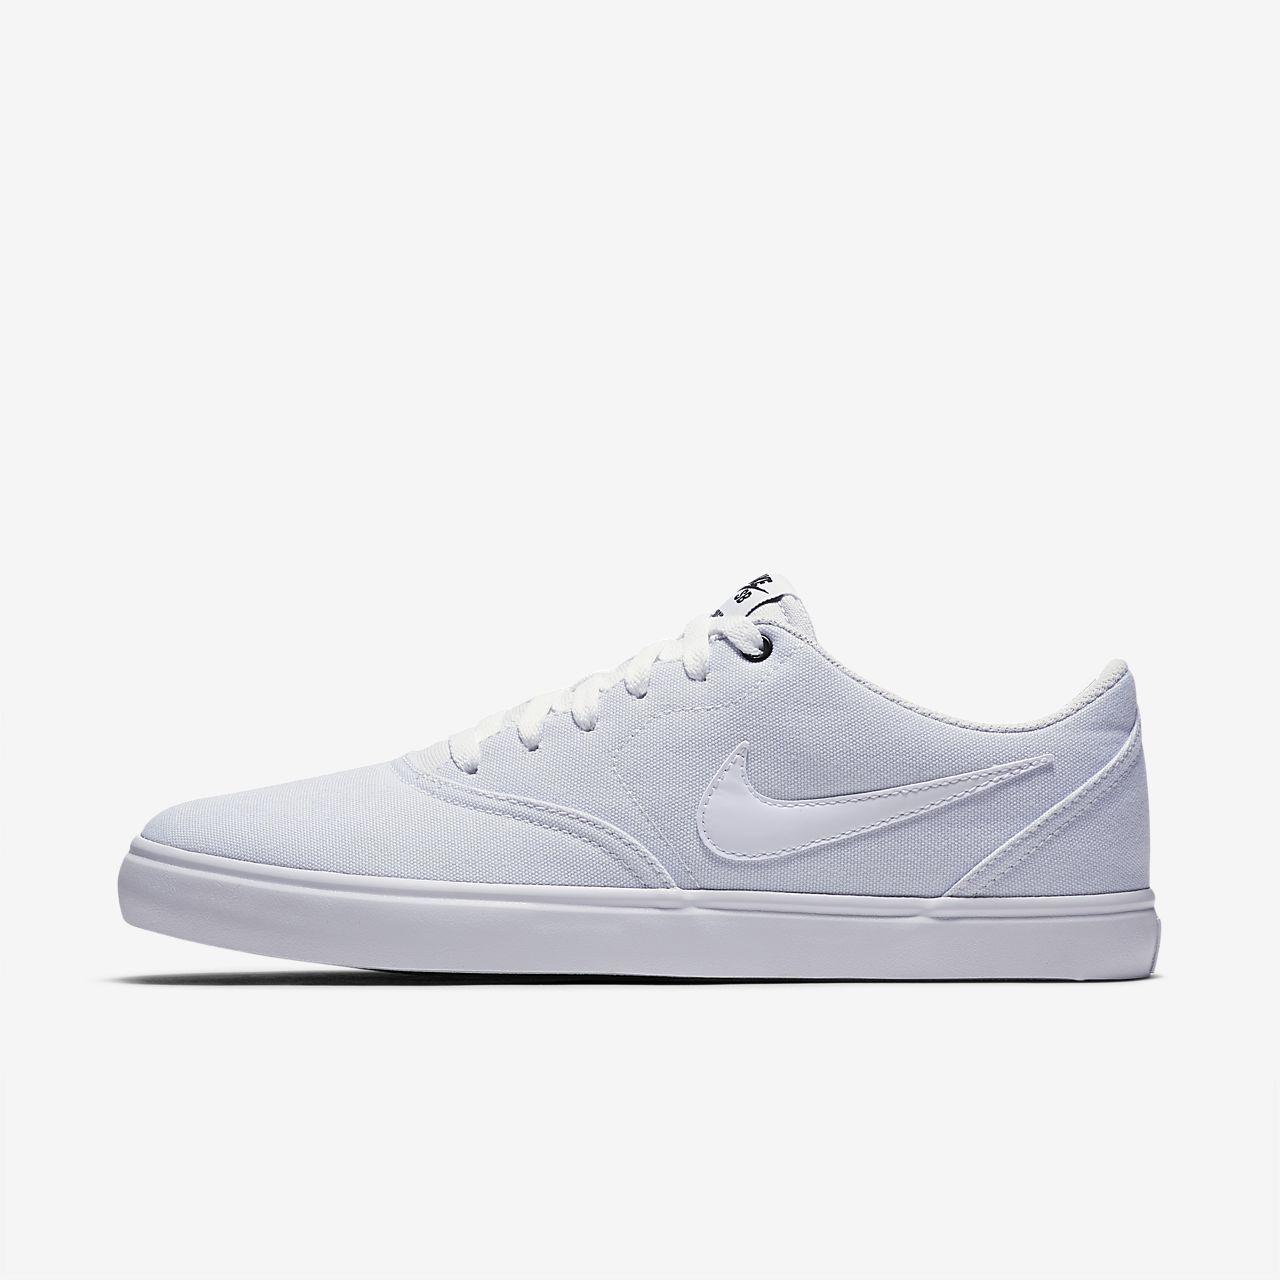 hot sale online e66db a915e Męskie buty do skateboardingu Nike SB Check Solarsoft Canvas. Nike ...